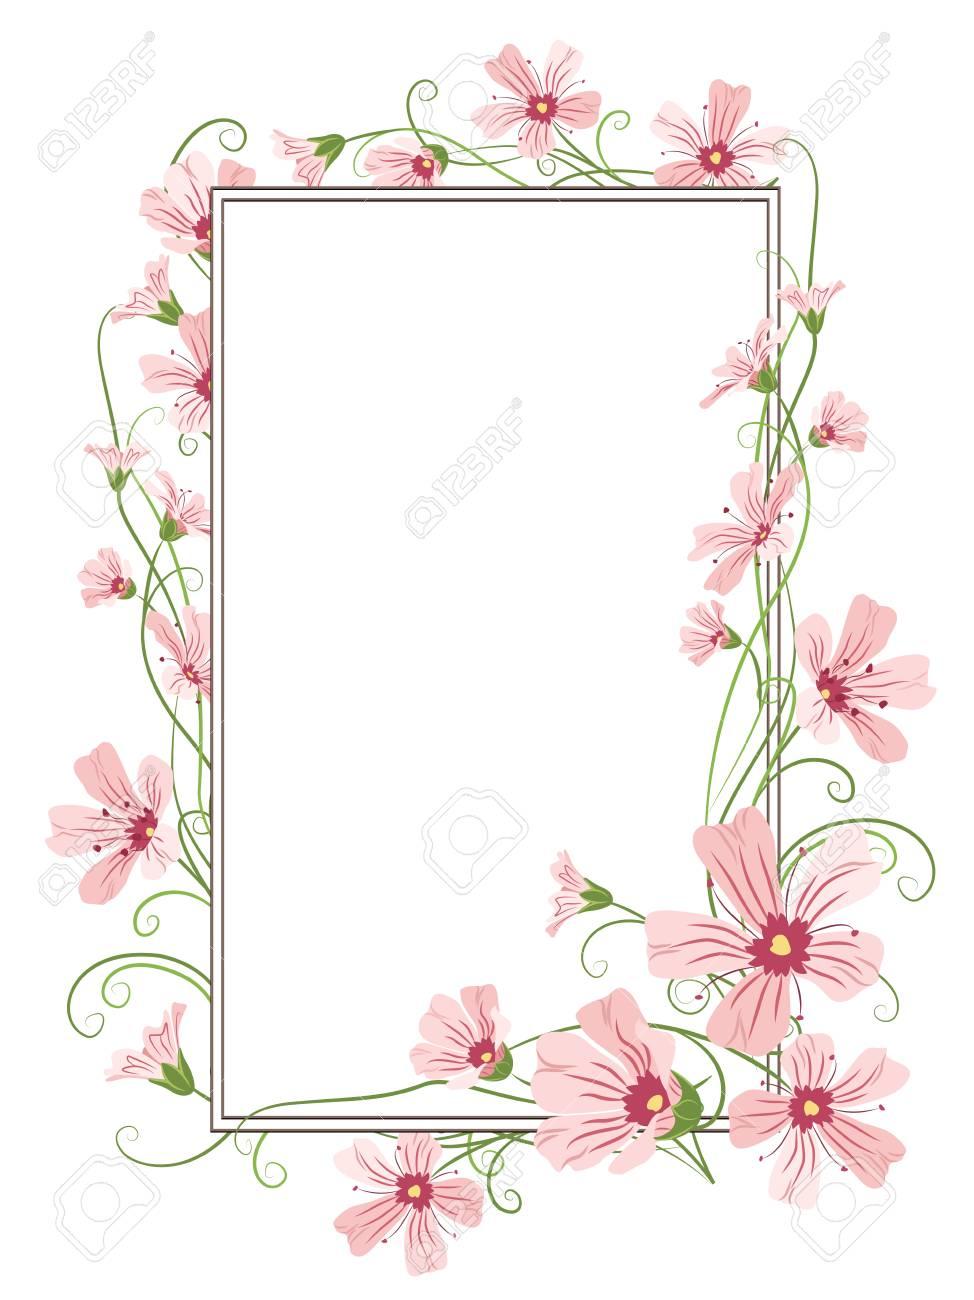 カスミソウ ピンク紫花もつれたガーランド要素四角形の花枠フレーム